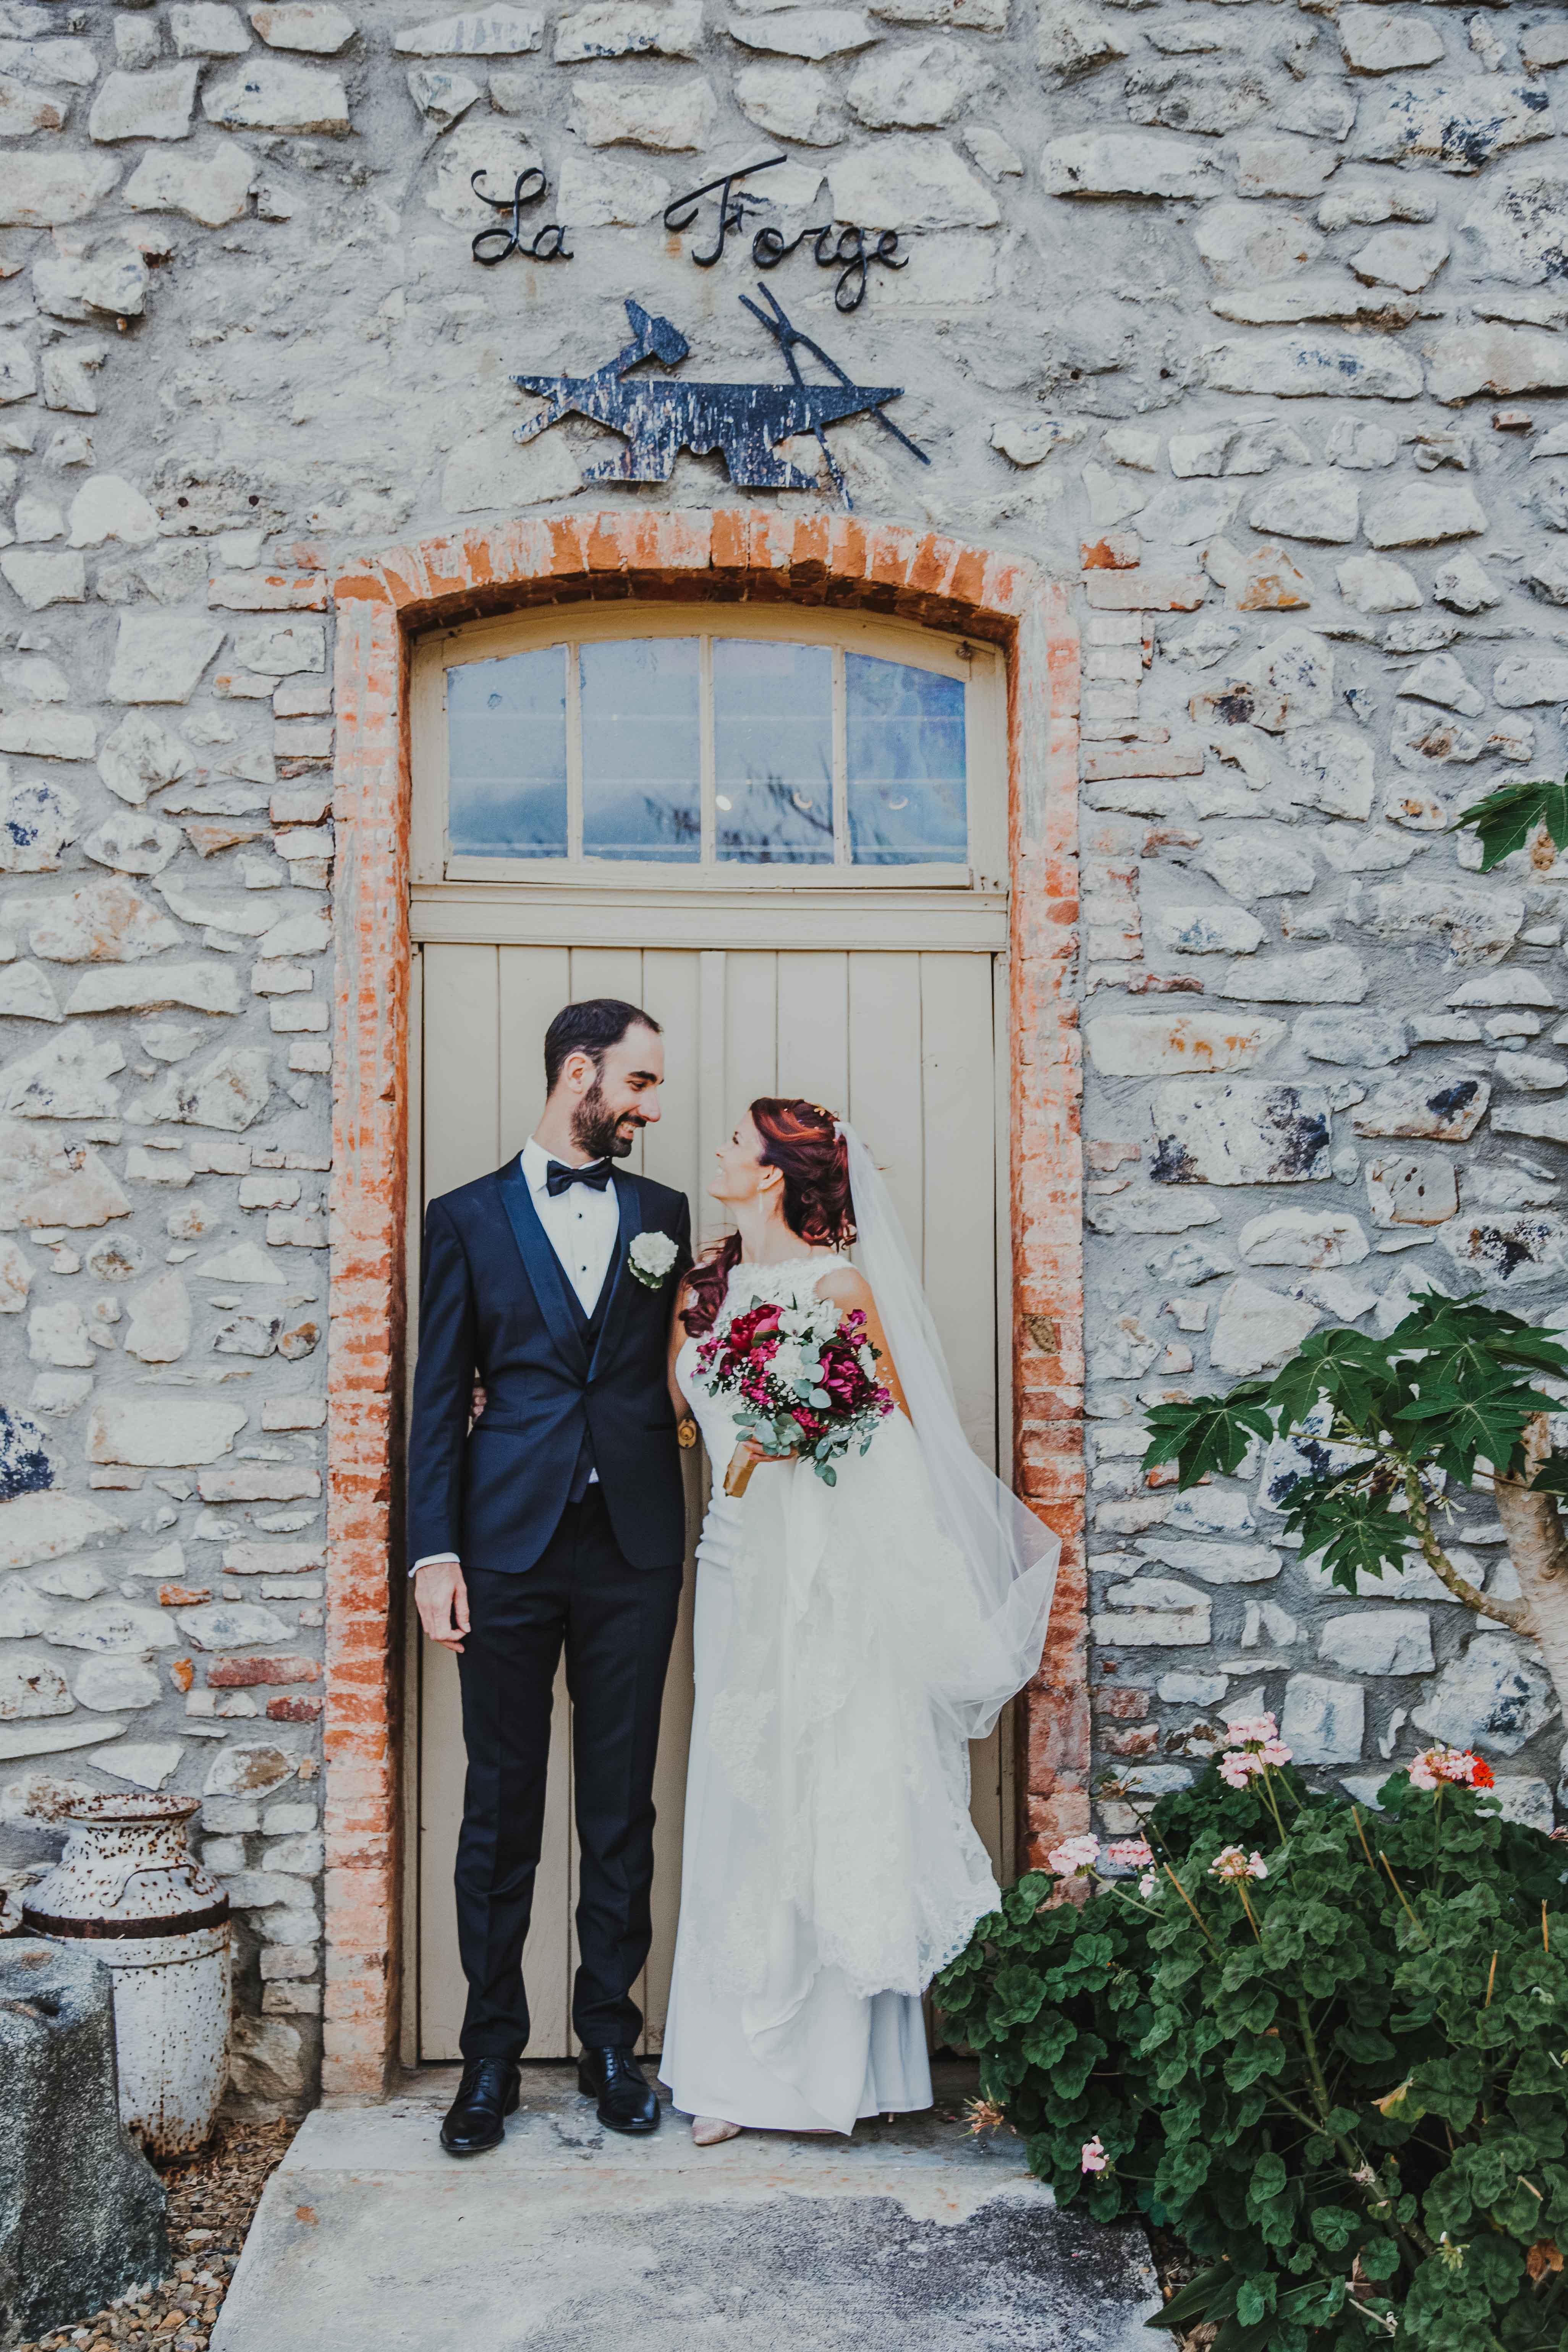 couple de mariés sous une porte rustique d'un bâtiment en pierre, les mariés se regardent et sourient